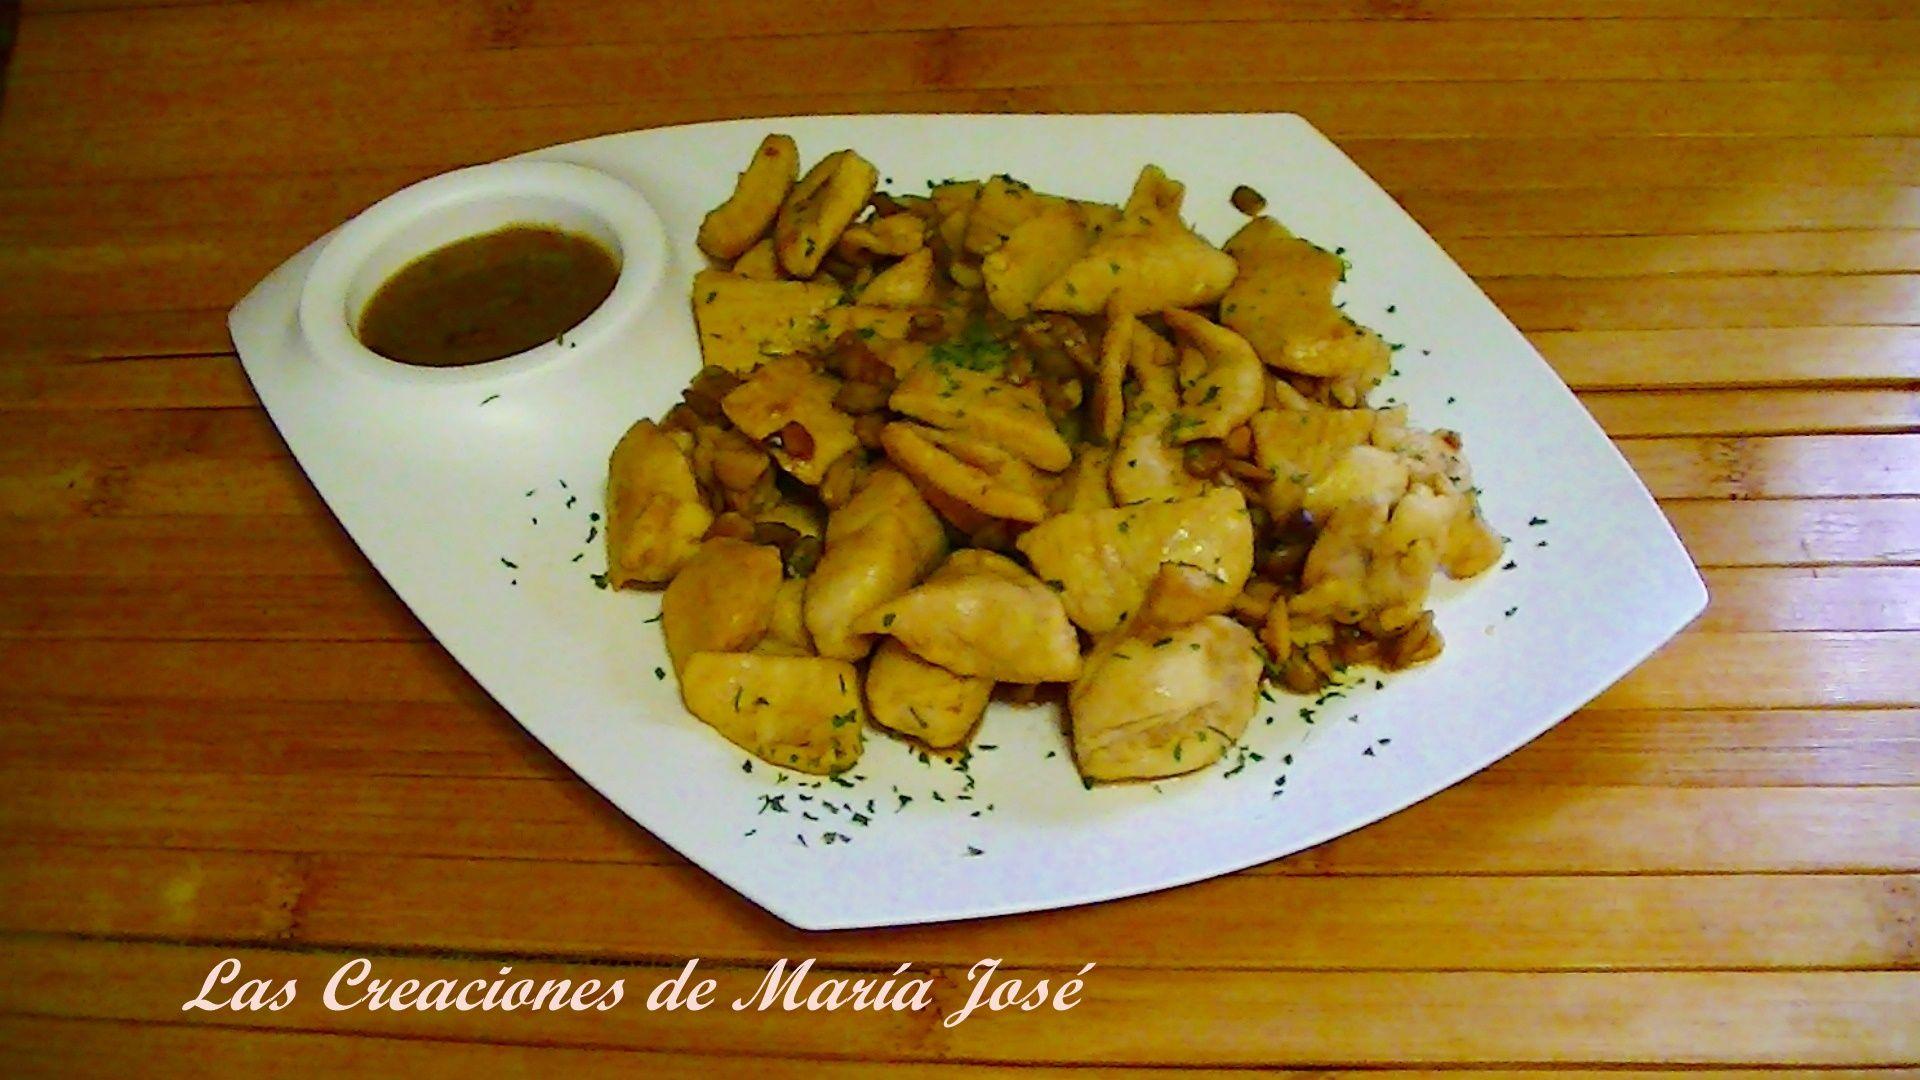 POLLO AL CAFÉ http://mariajoseysuscreaciones.blogspot.com.es/2014/02/pechuga-de-pollo-al-cafe.html